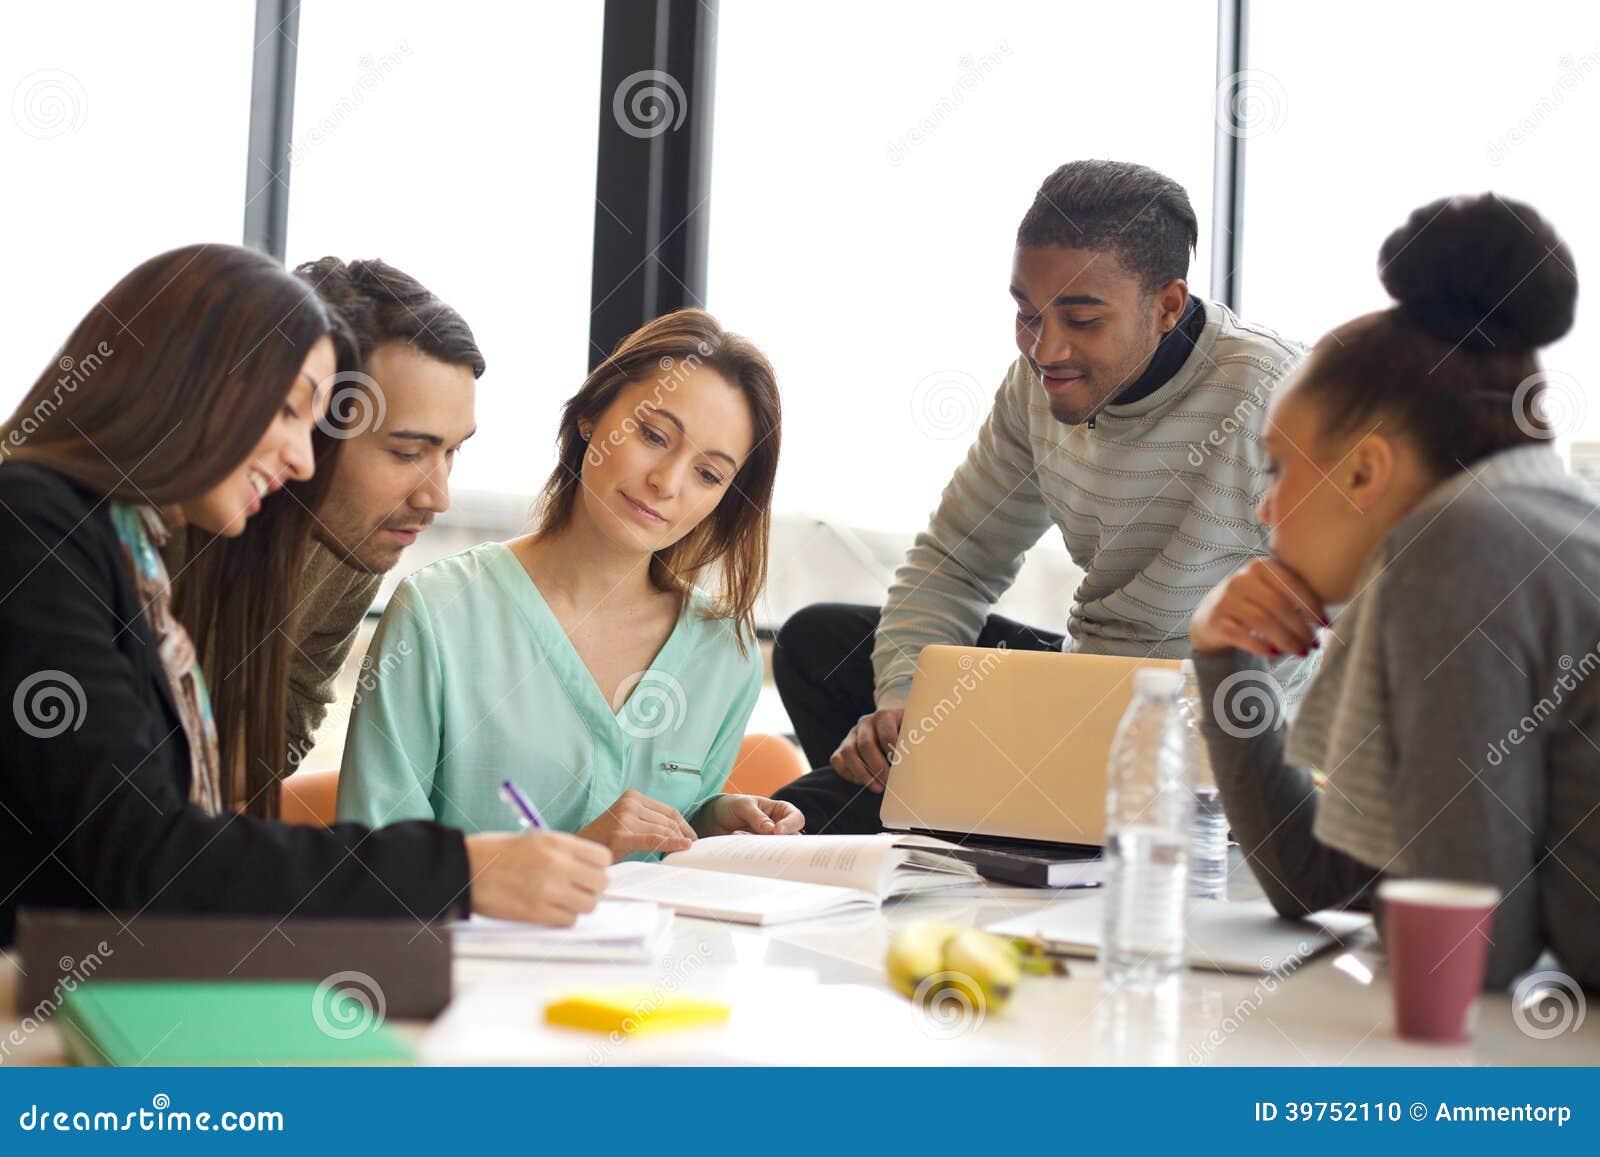 Ομάδα Multiethnic νέων που μελετούν από κοινού